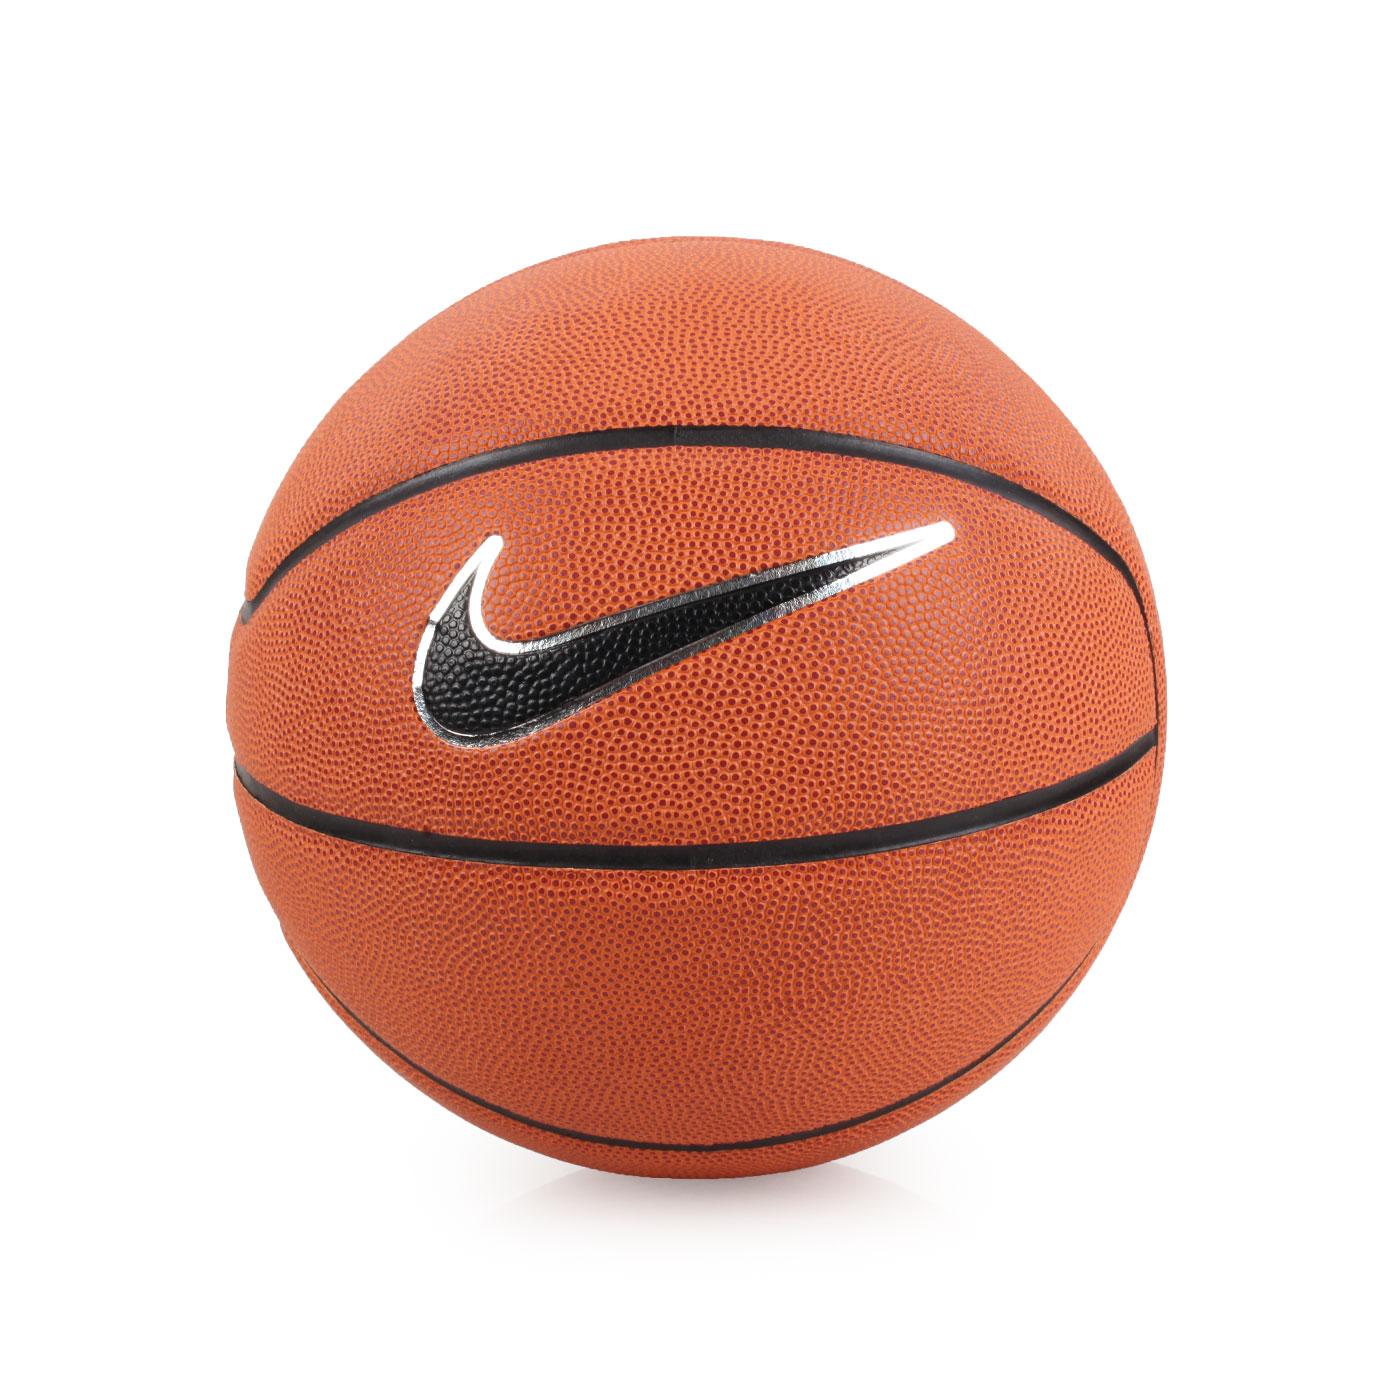 NIKE LEBRON ALL COURTS 7號籃球 NKI1085507